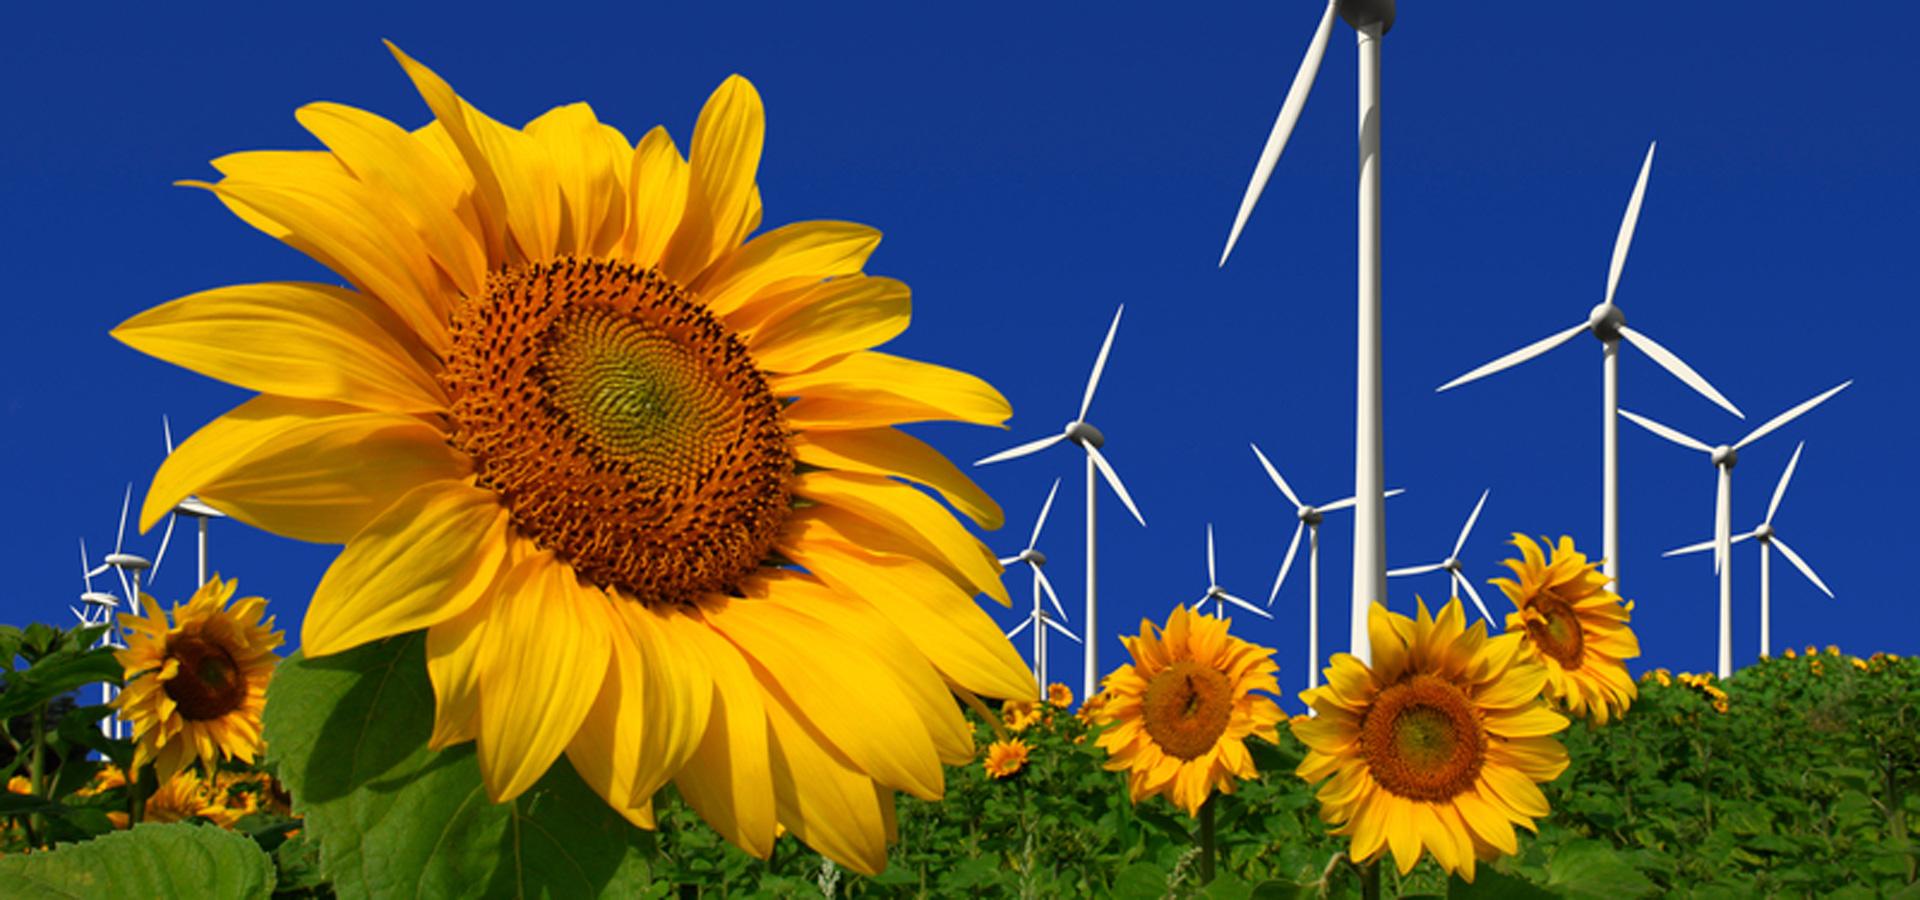 Umweltschutz-vorantreiben